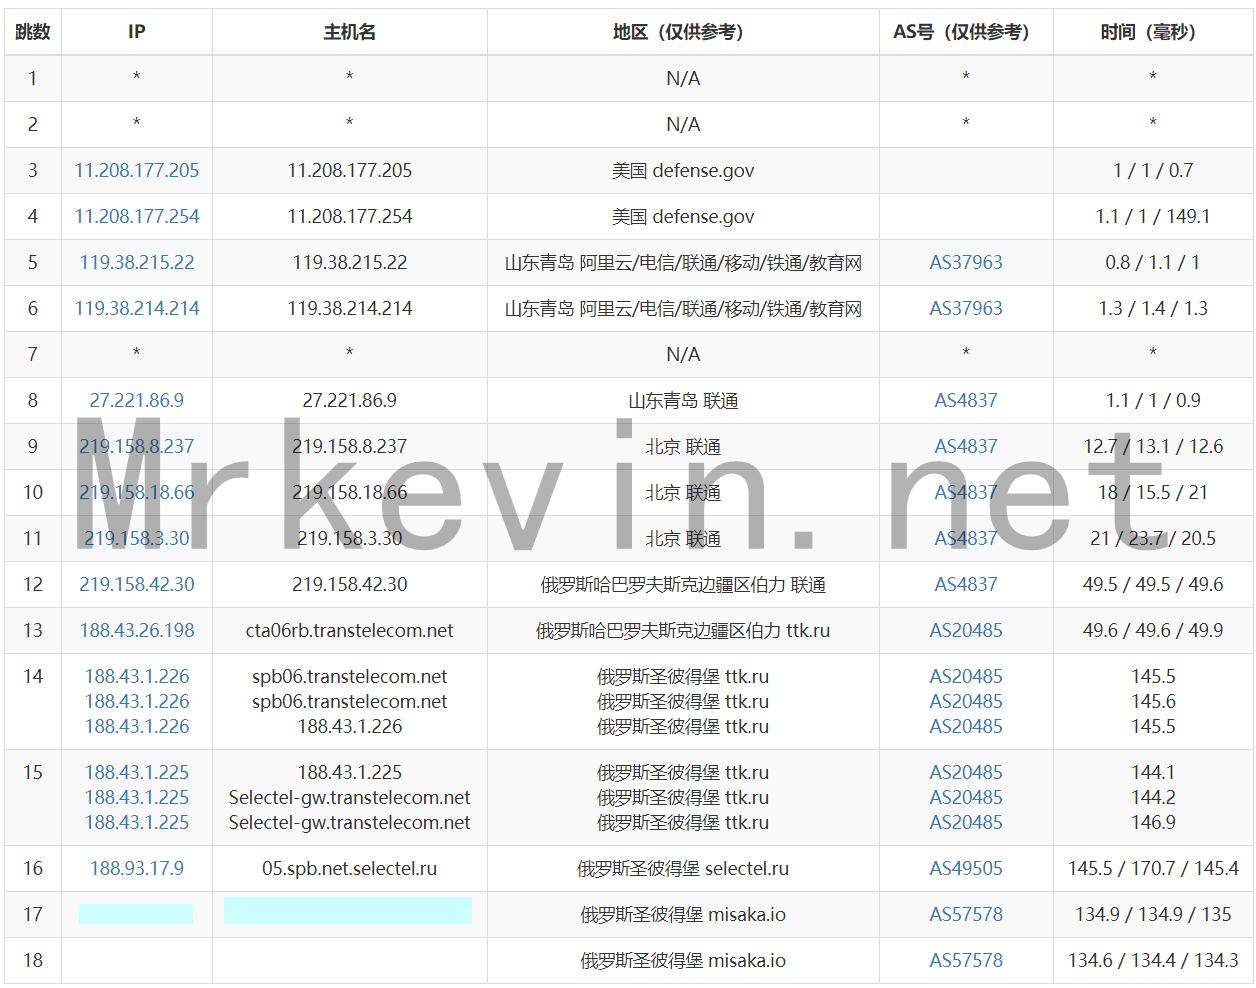 『测评』ZeptoVM-512M内存/10G SSD/512G流量/2*10Gbps带宽/俄罗斯CN2 VPS深度测评报告 主机测评 第7张